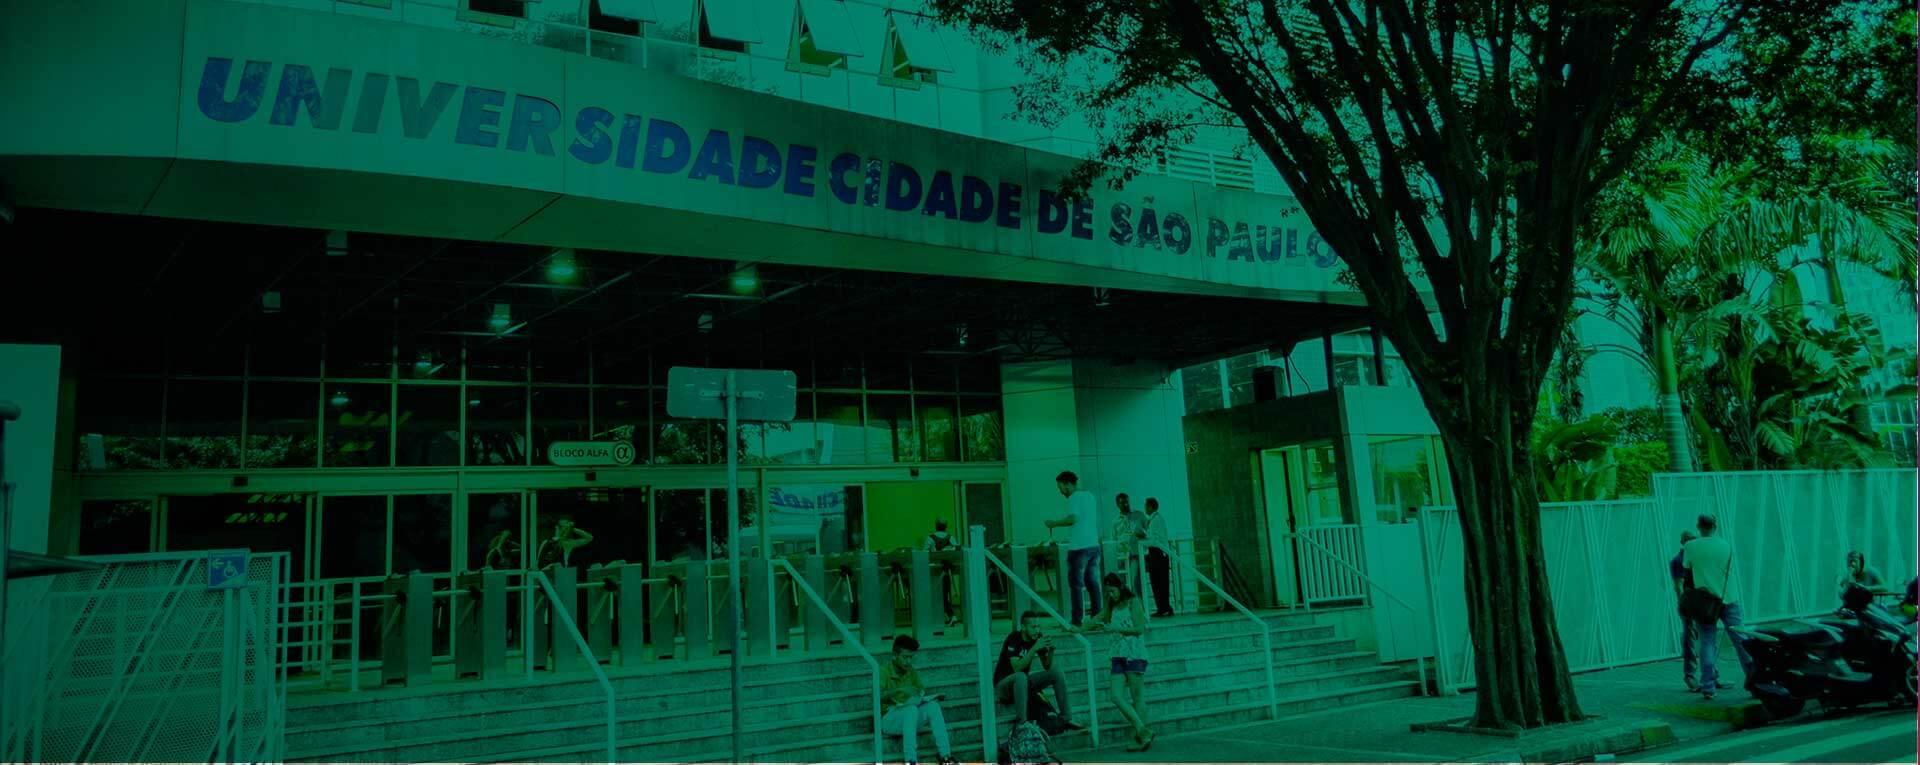 Banner fachada Unicid